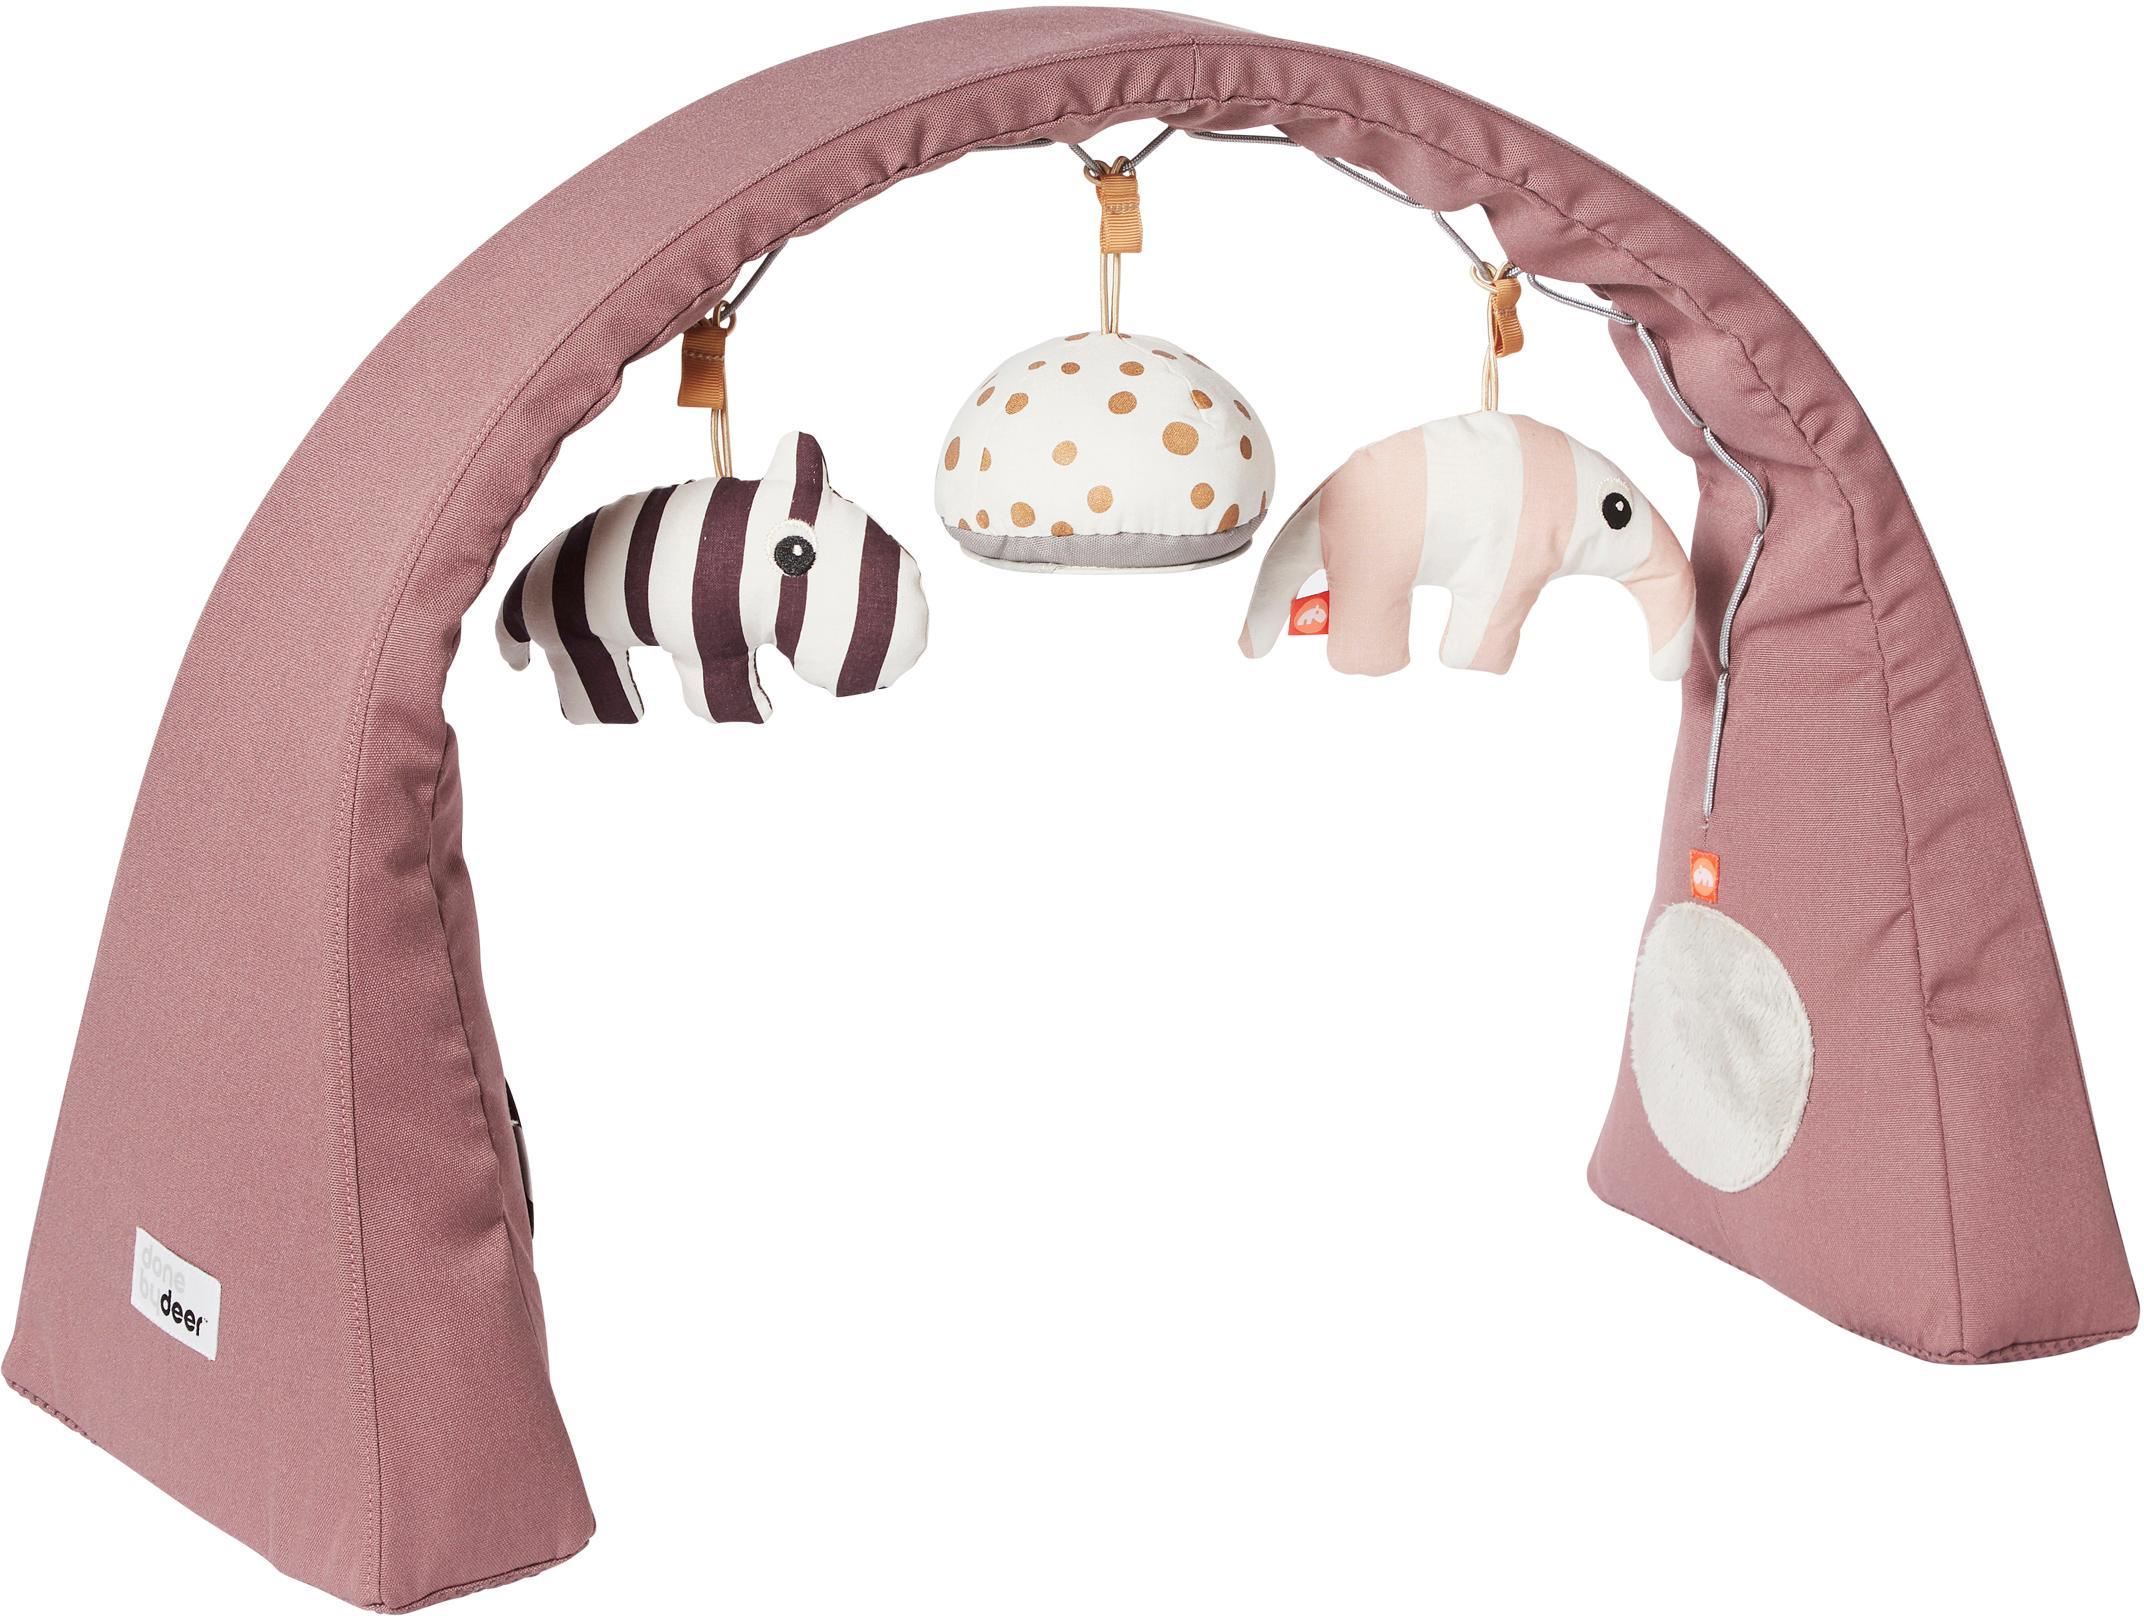 Arco da gioco Animals, Arco: 100% poliestere, Rosa, Larg. 44 x Alt. 38 cm